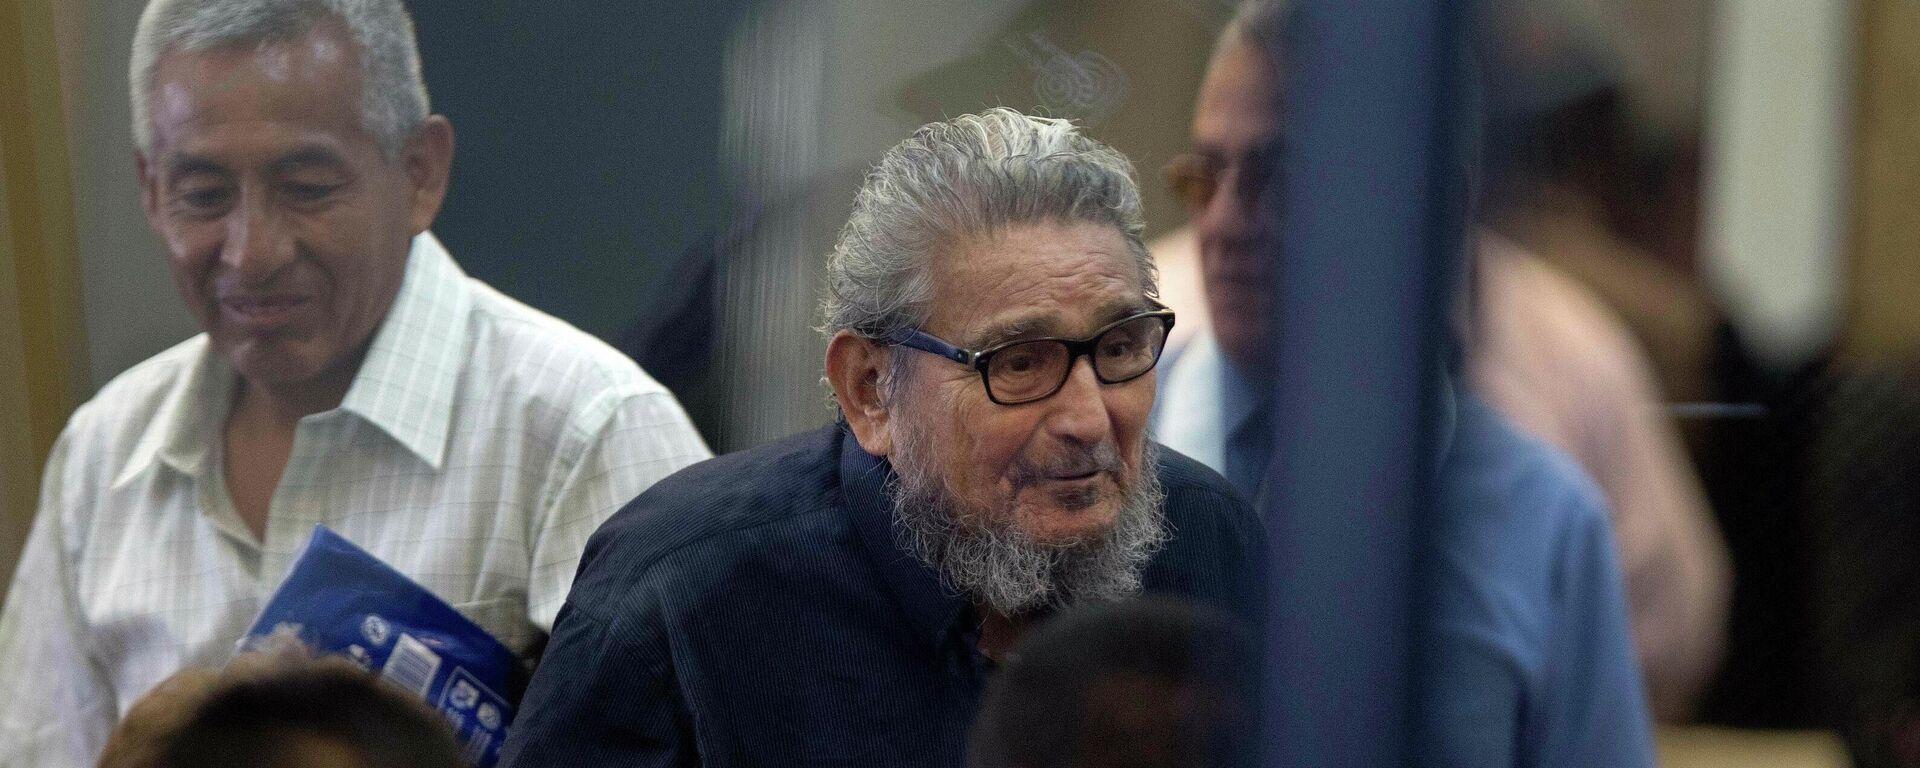 El exlíder de Sendero Luminoso, Abimael Guzmán, durante un juicio en 2017 - Sputnik Mundo, 1920, 14.09.2021